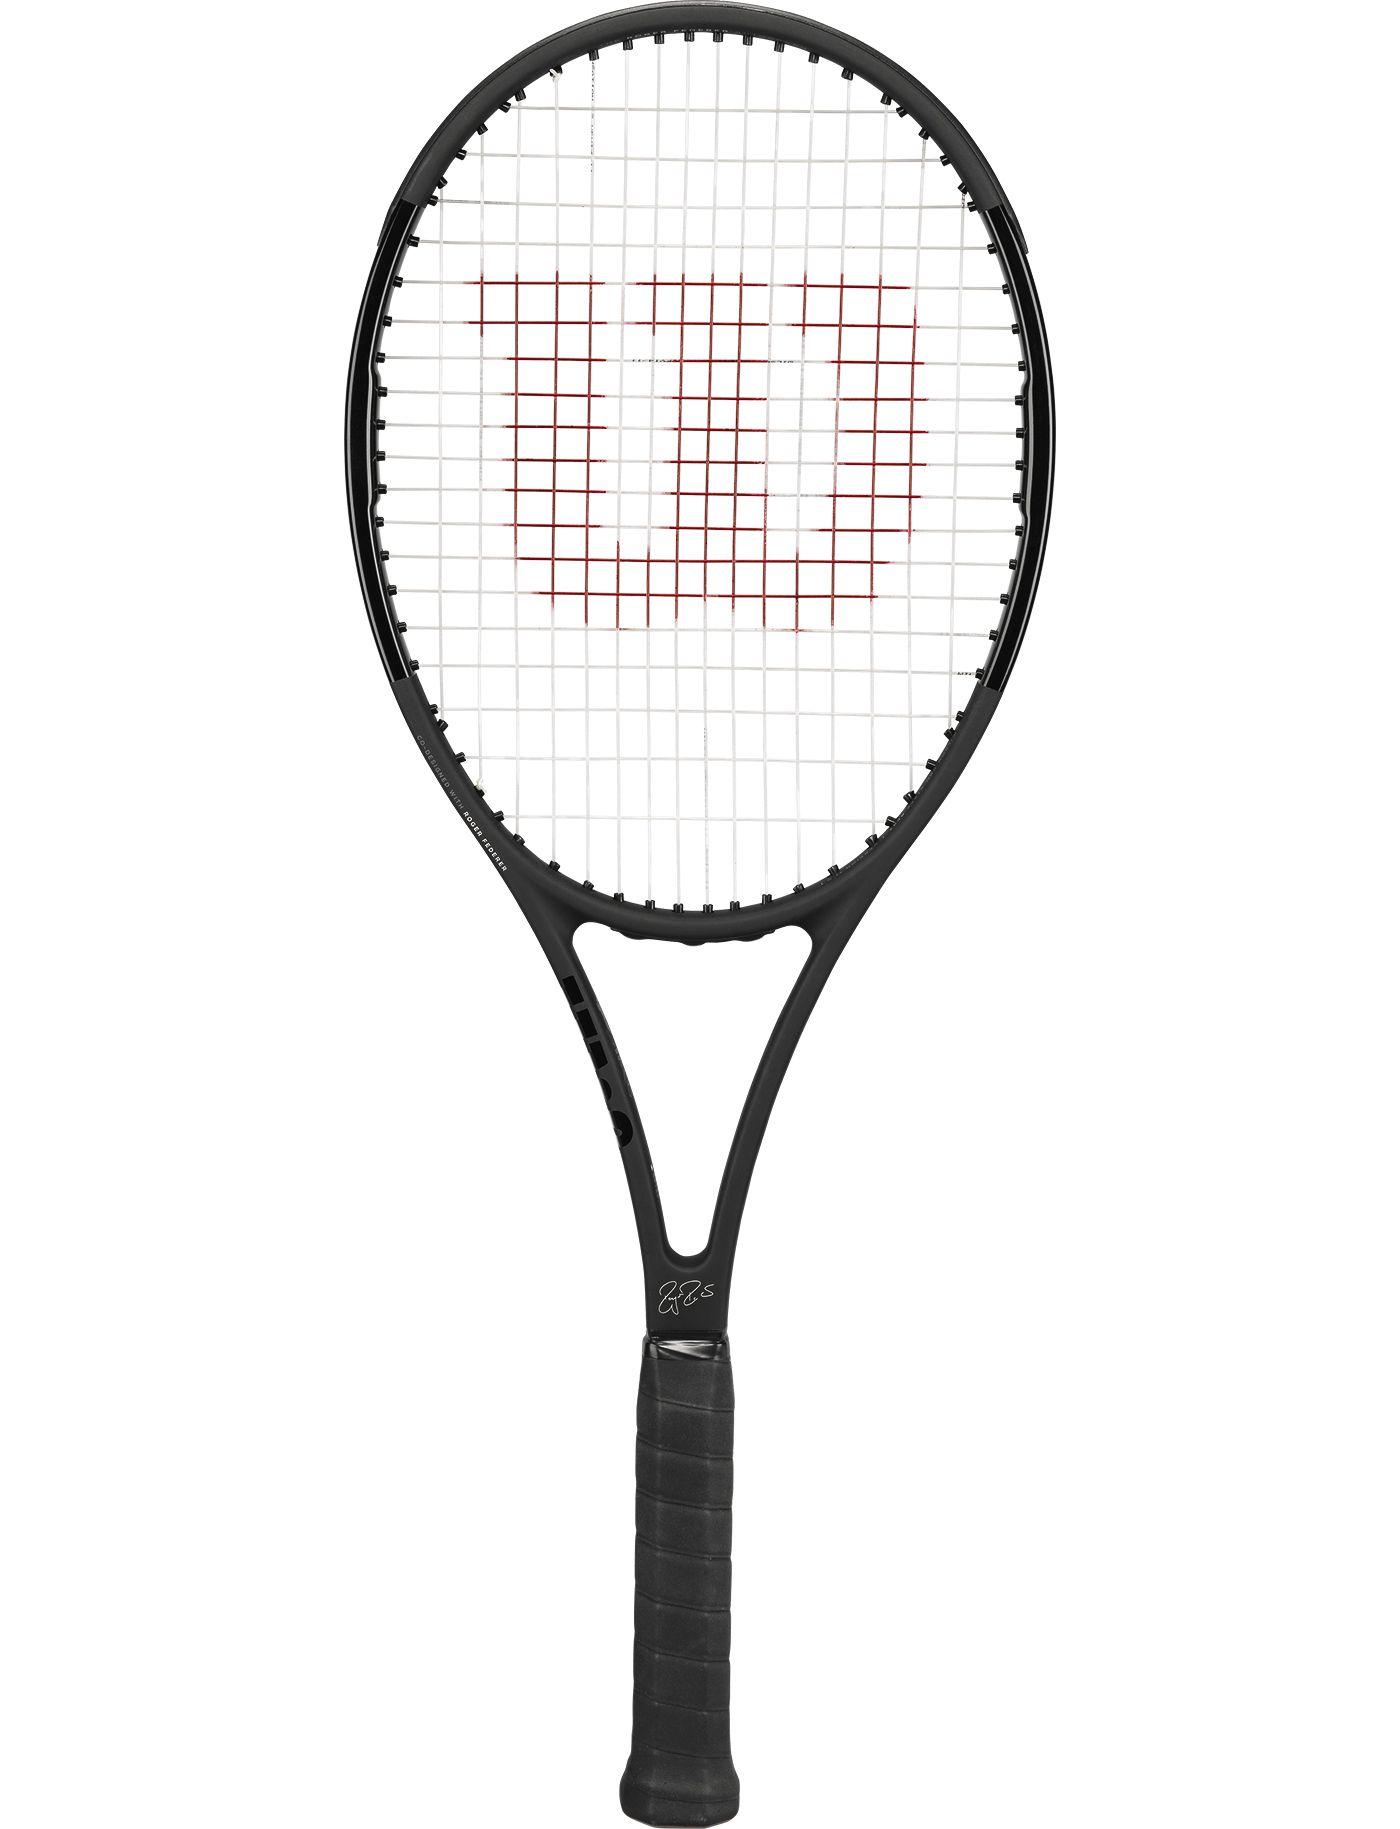 Wilson Pro Staff RF97 Autograph Pro Tennis Racquet - Unstrung